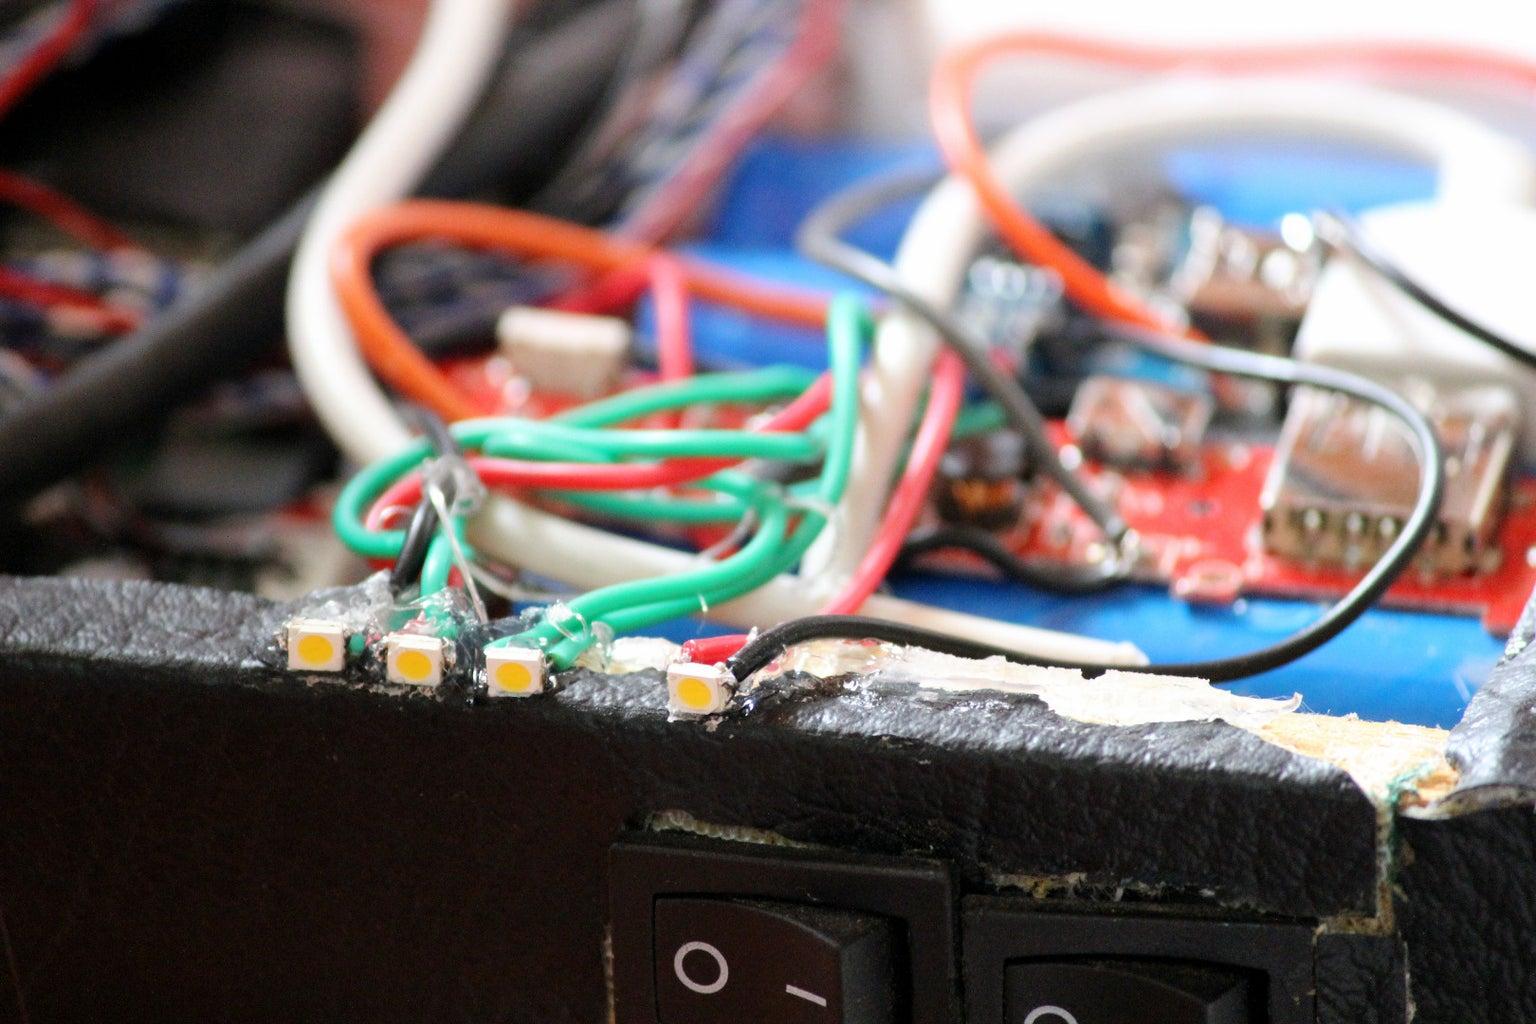 Charge Indicator LED's (charge Status Indicator)